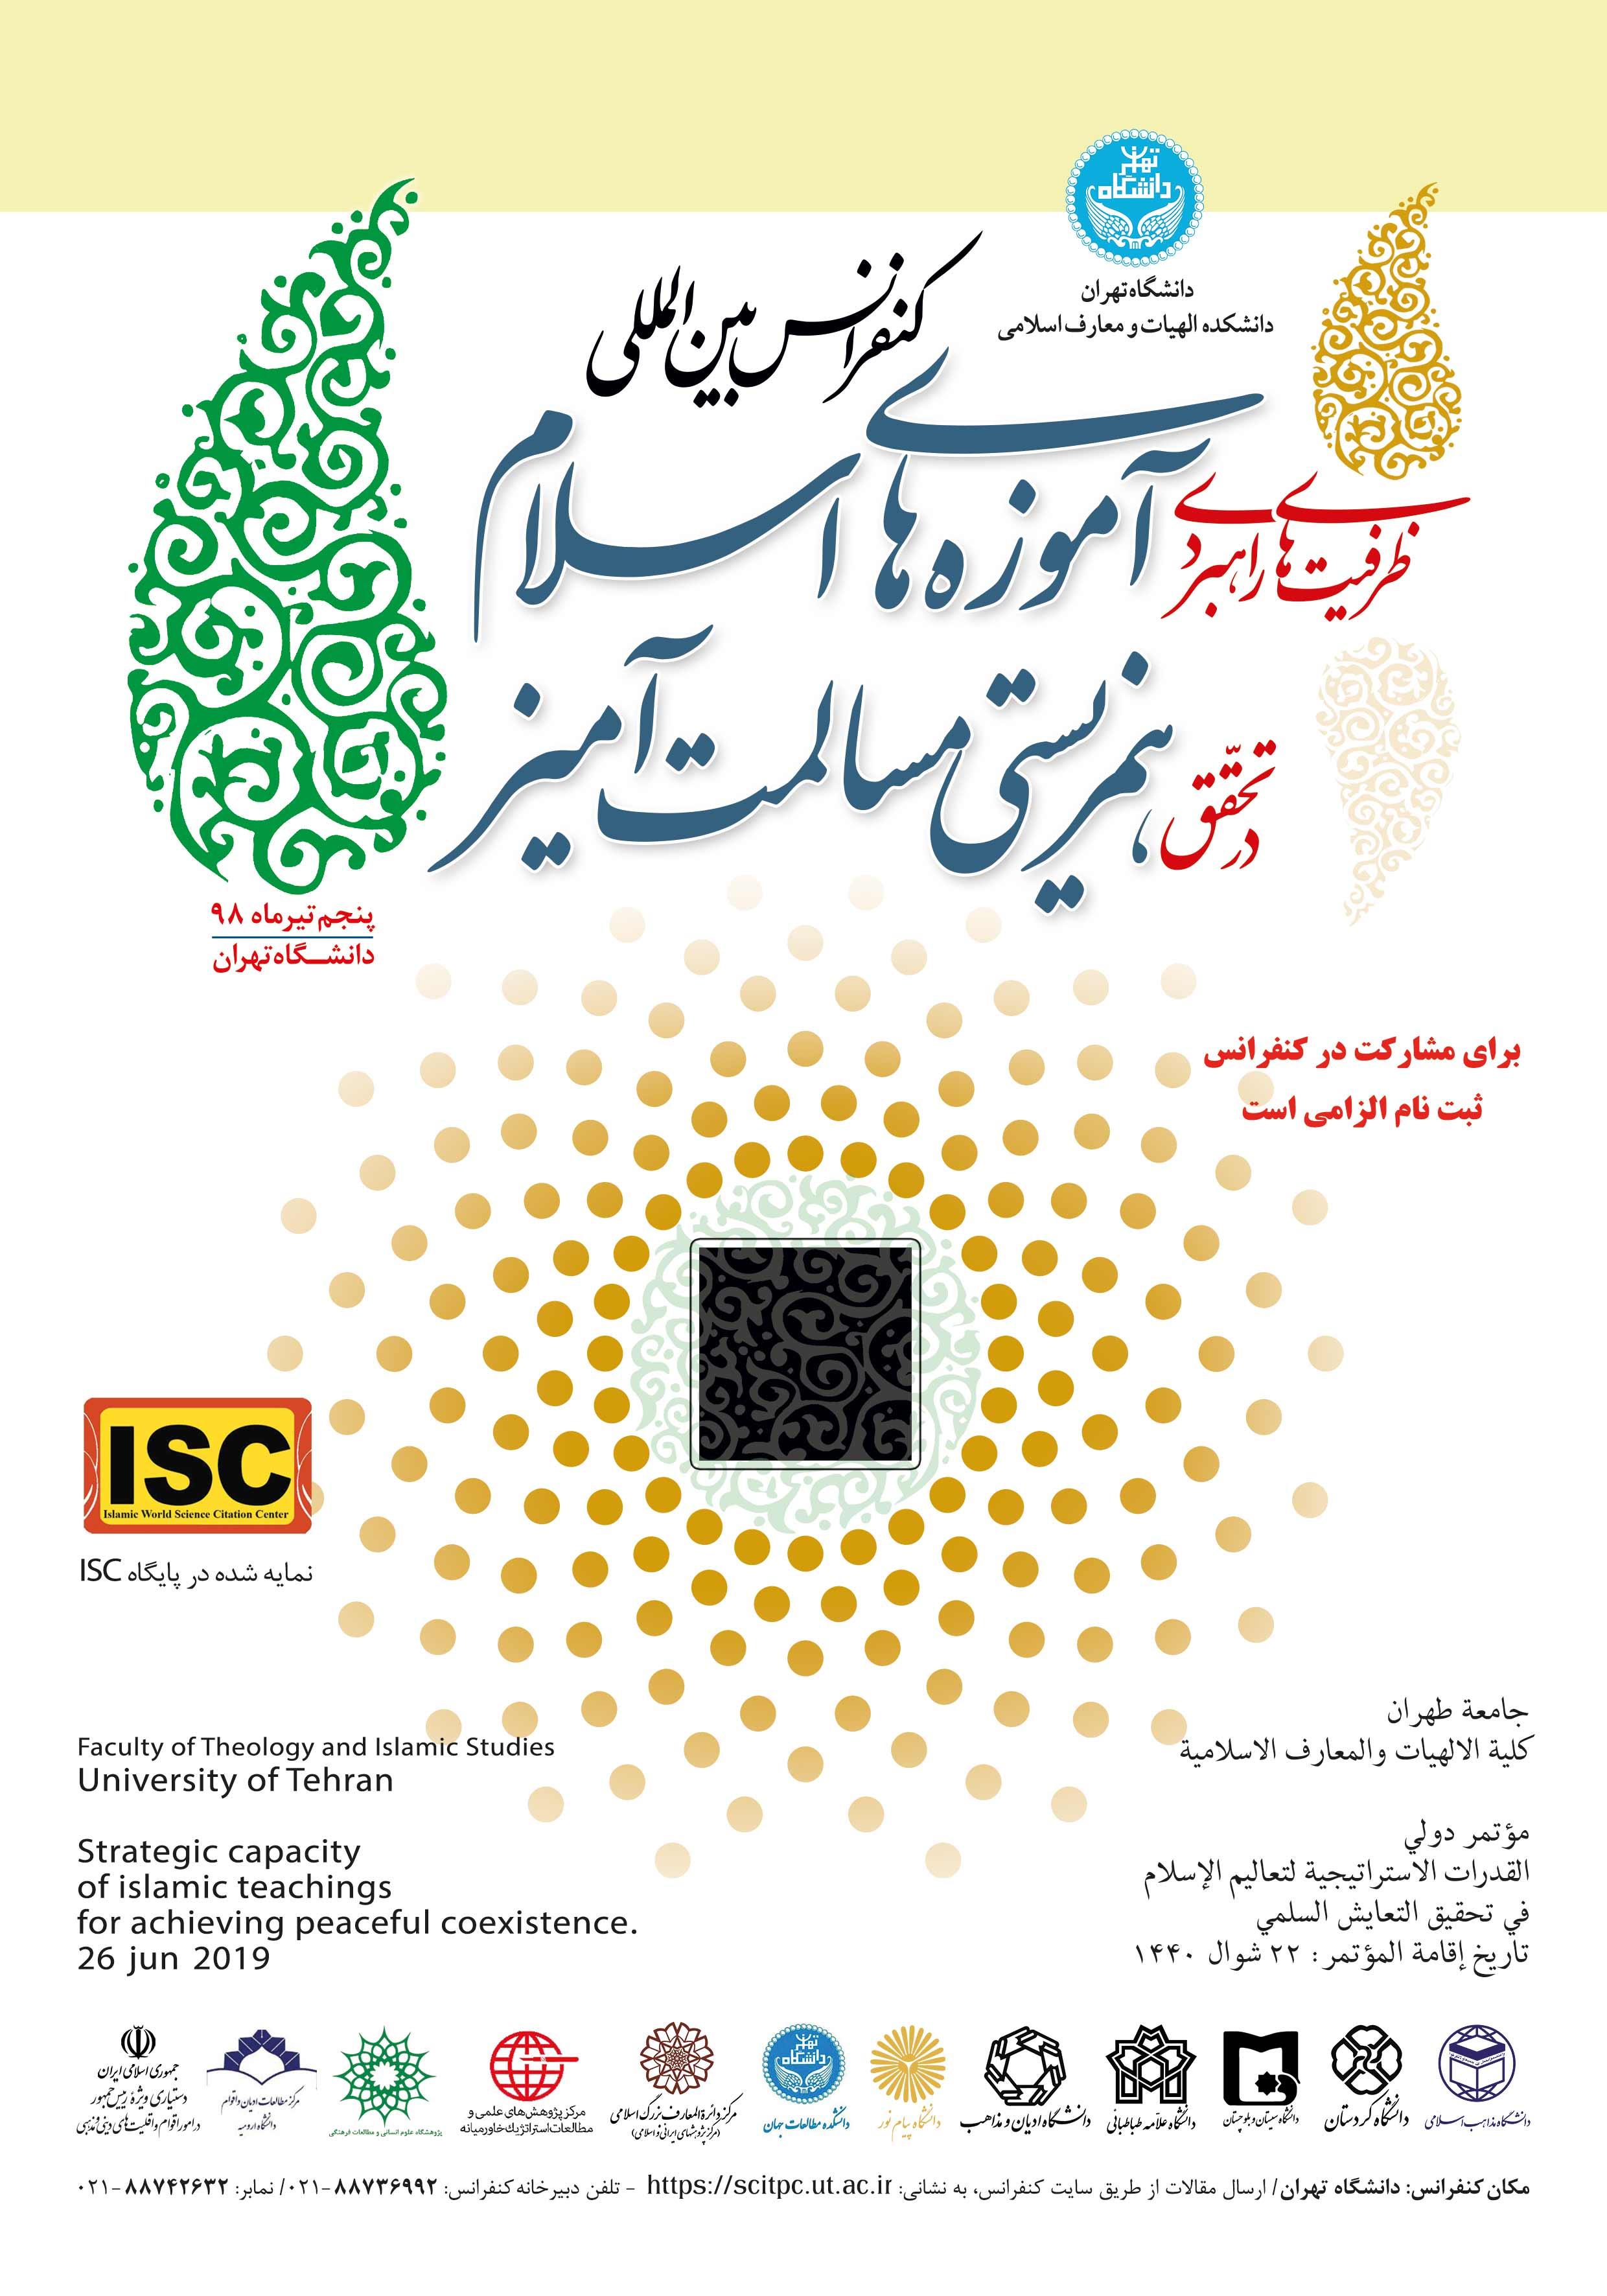 ظرفیت های راهبردی آموزه های اسلام در تحقق همزیستی مسالمت آمیز